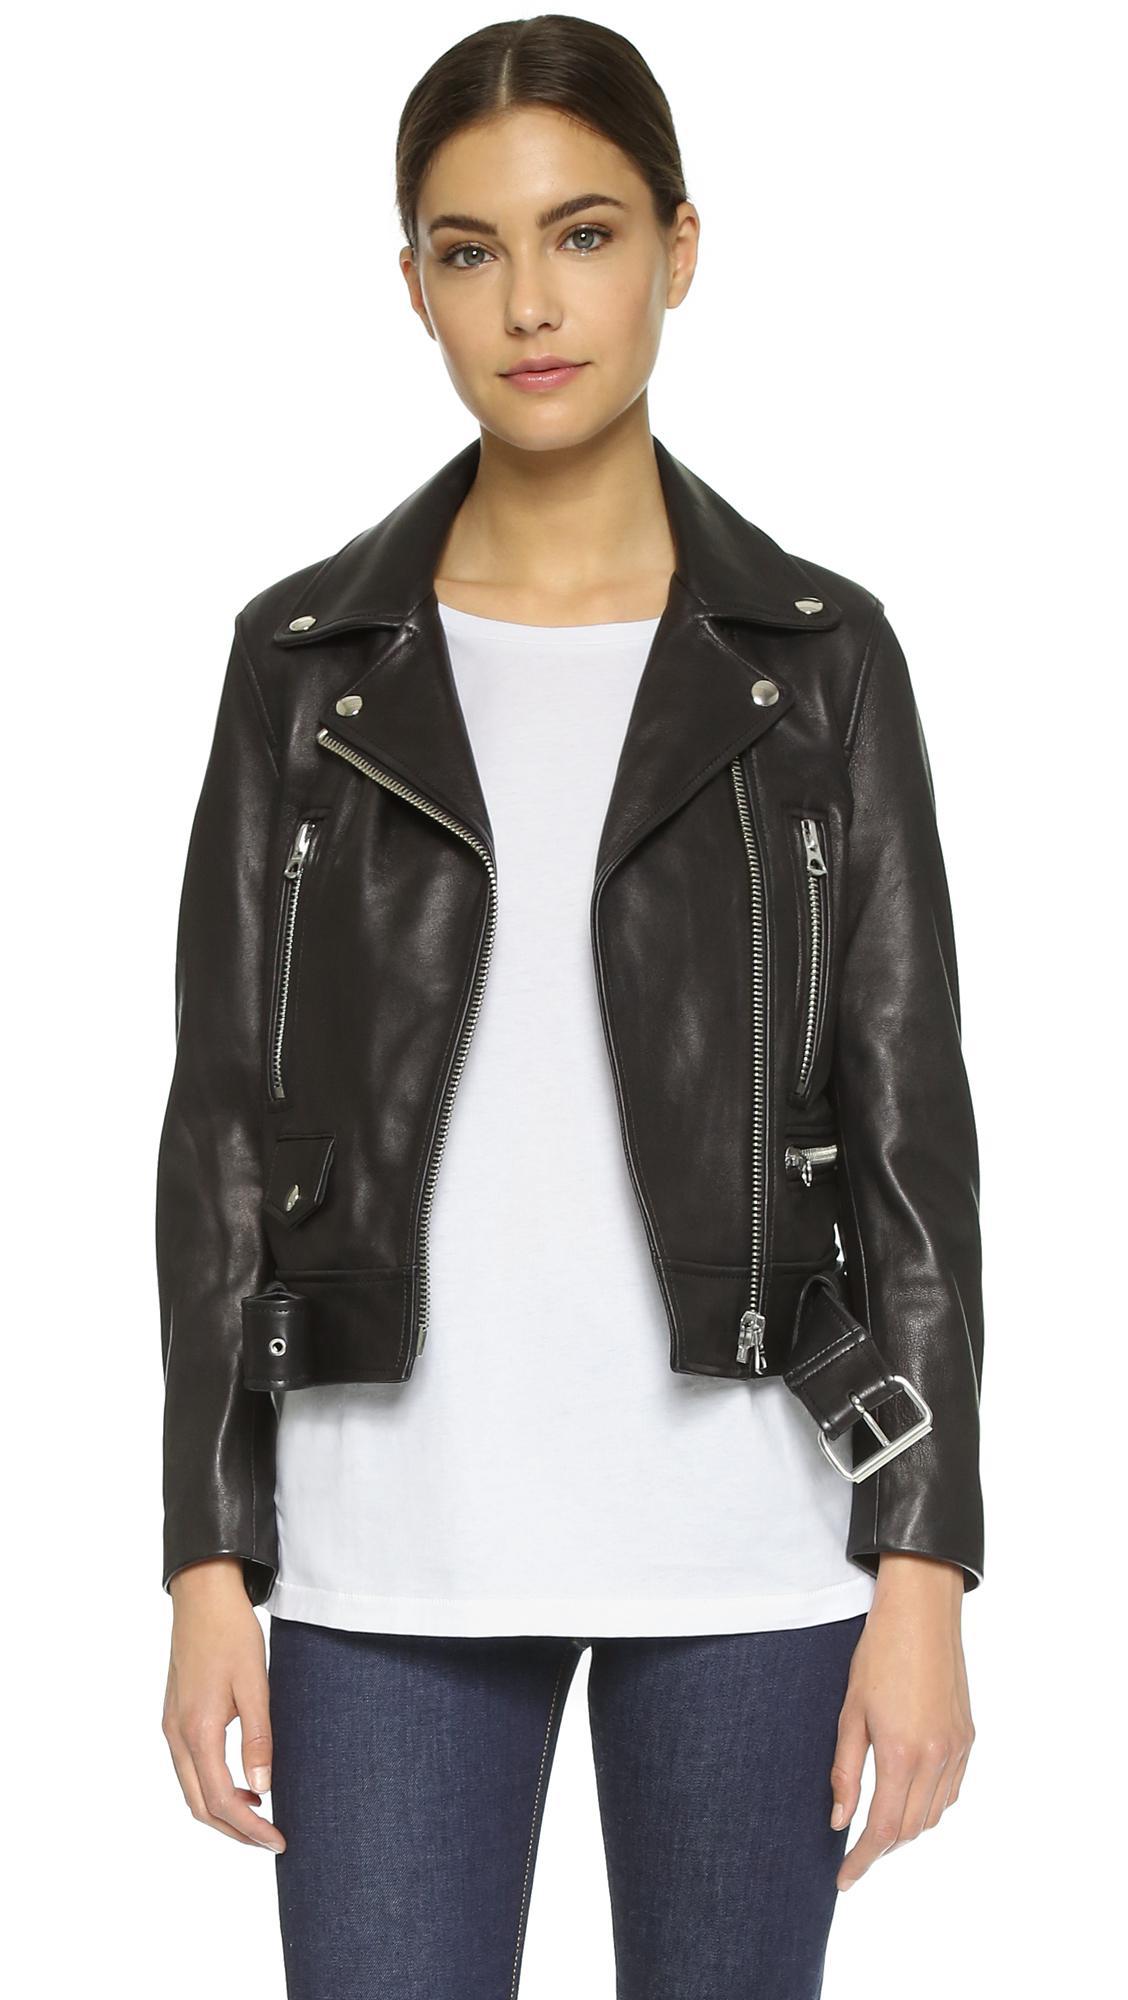 Shopbop leather jacket